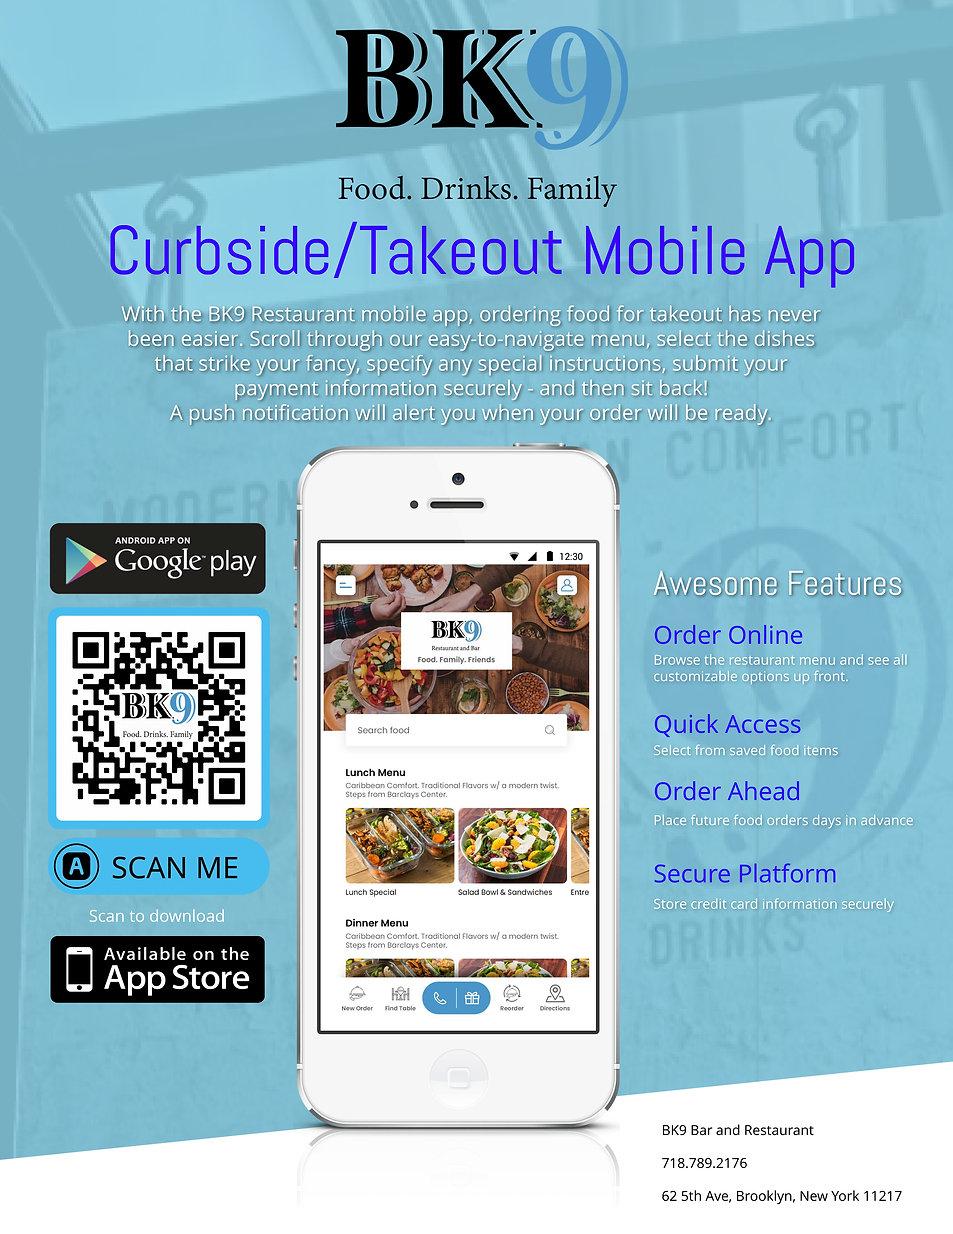 BK9_Mobile App_eFlyer_12182020.jpg